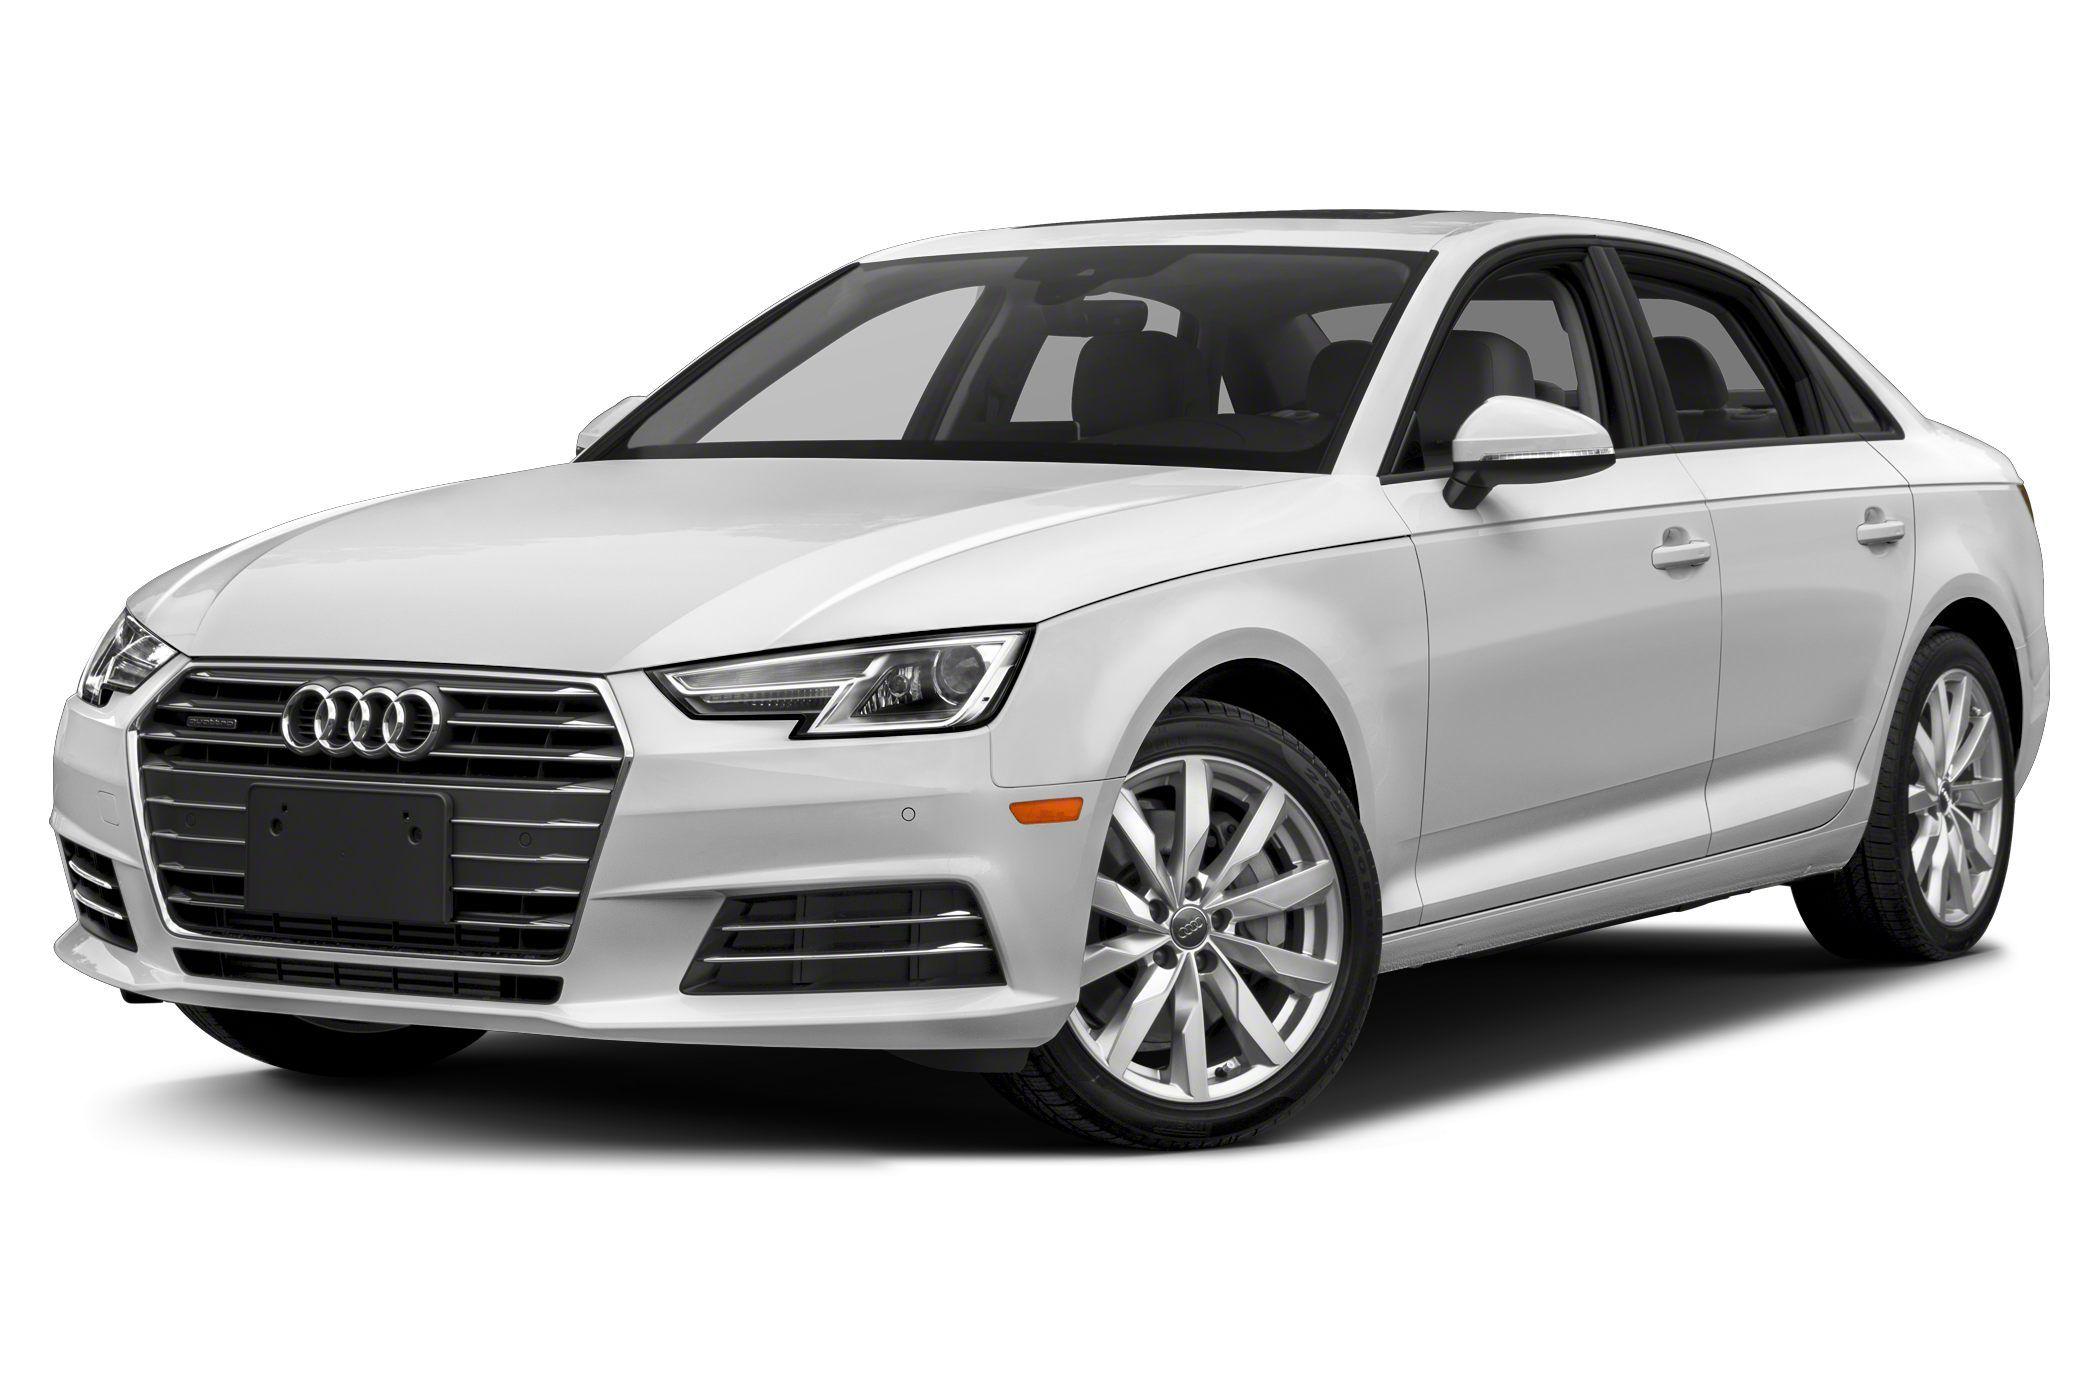 Audi A4 Audi A4 Audi Cars Audi